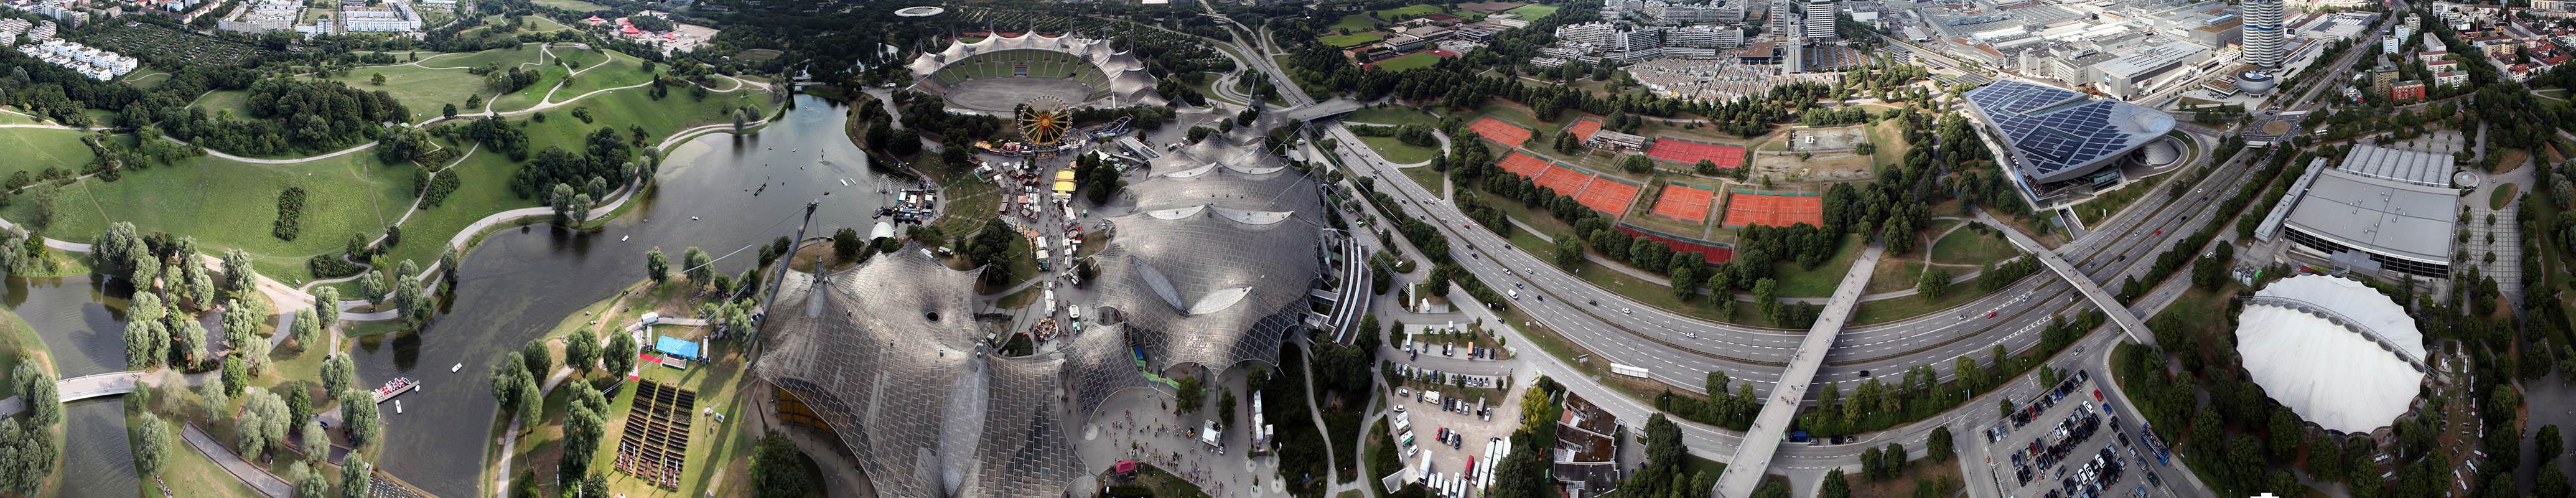 Noch ein Panorama<br>Diesmal nur halb und mit Fokus auf den Olympia-Anlagen